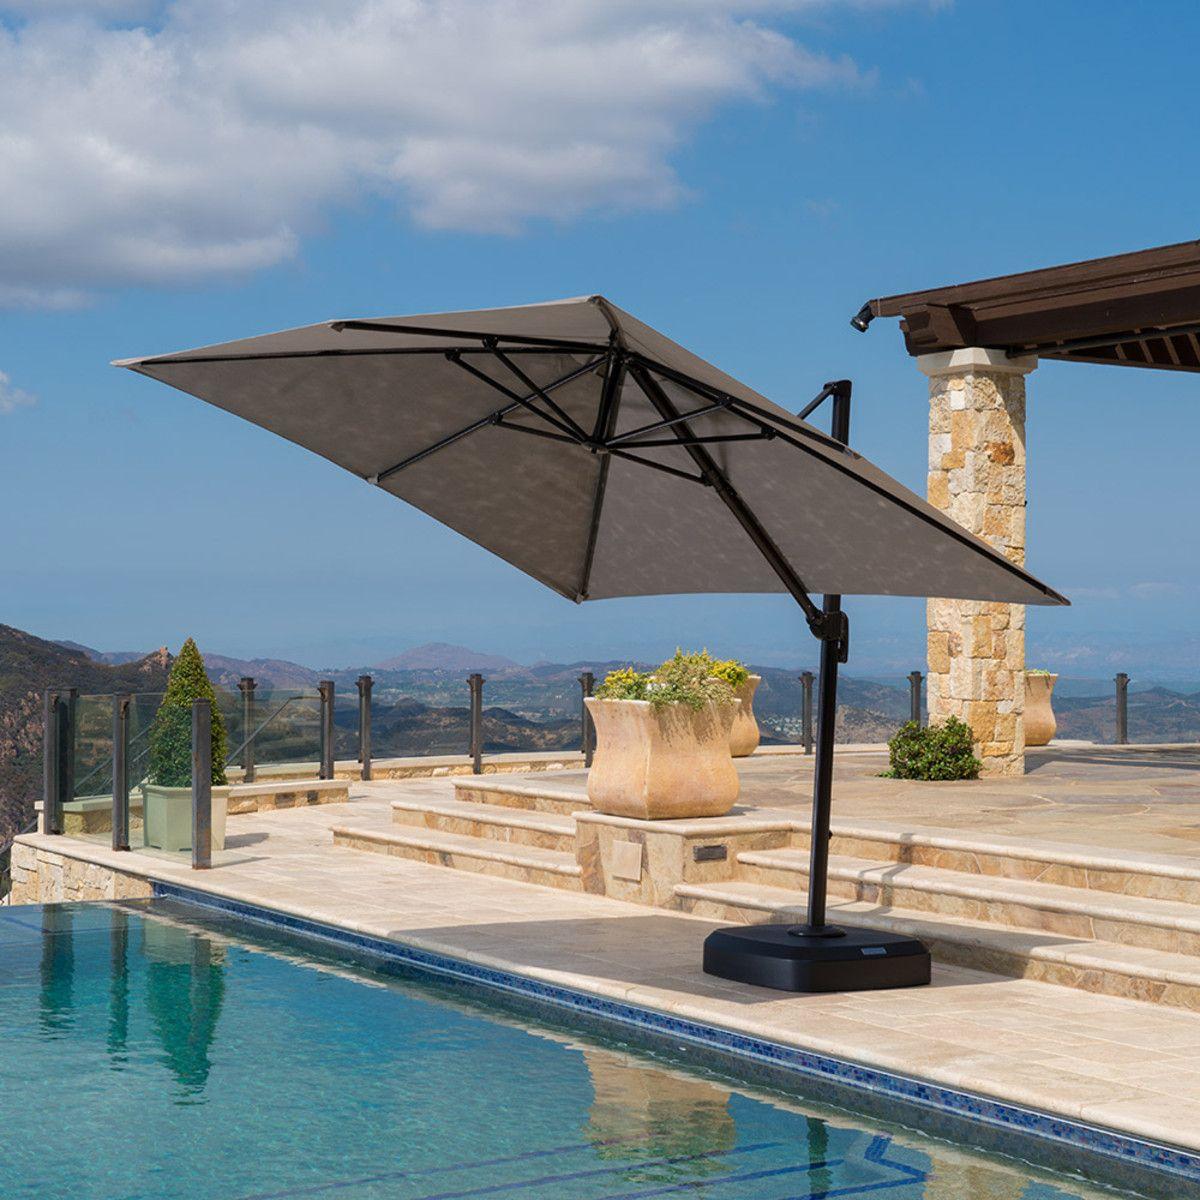 Portofino Comfort 10ft Resort Umbrella Espresso Taupe Rst Brands With Images Patio